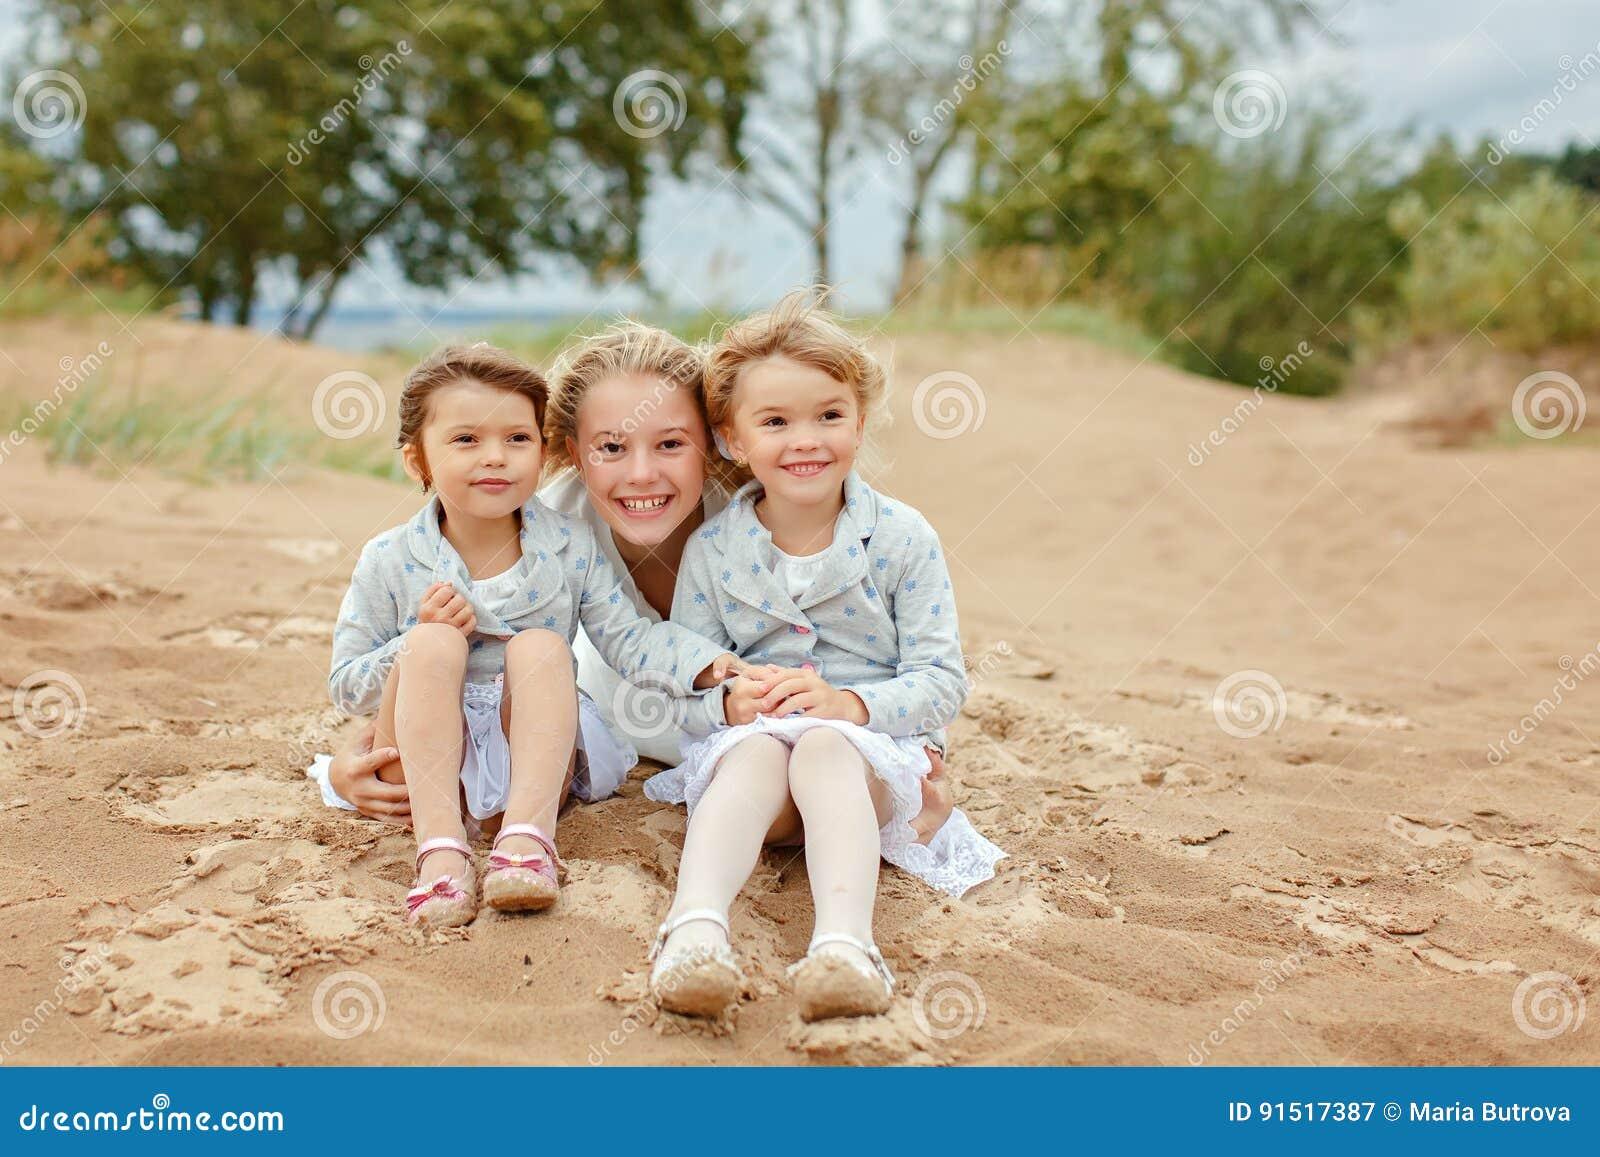 Τρία μικρά κορίτσια είναι λατρευτές αδελφές που αγκαλιάζουν στο backgroun